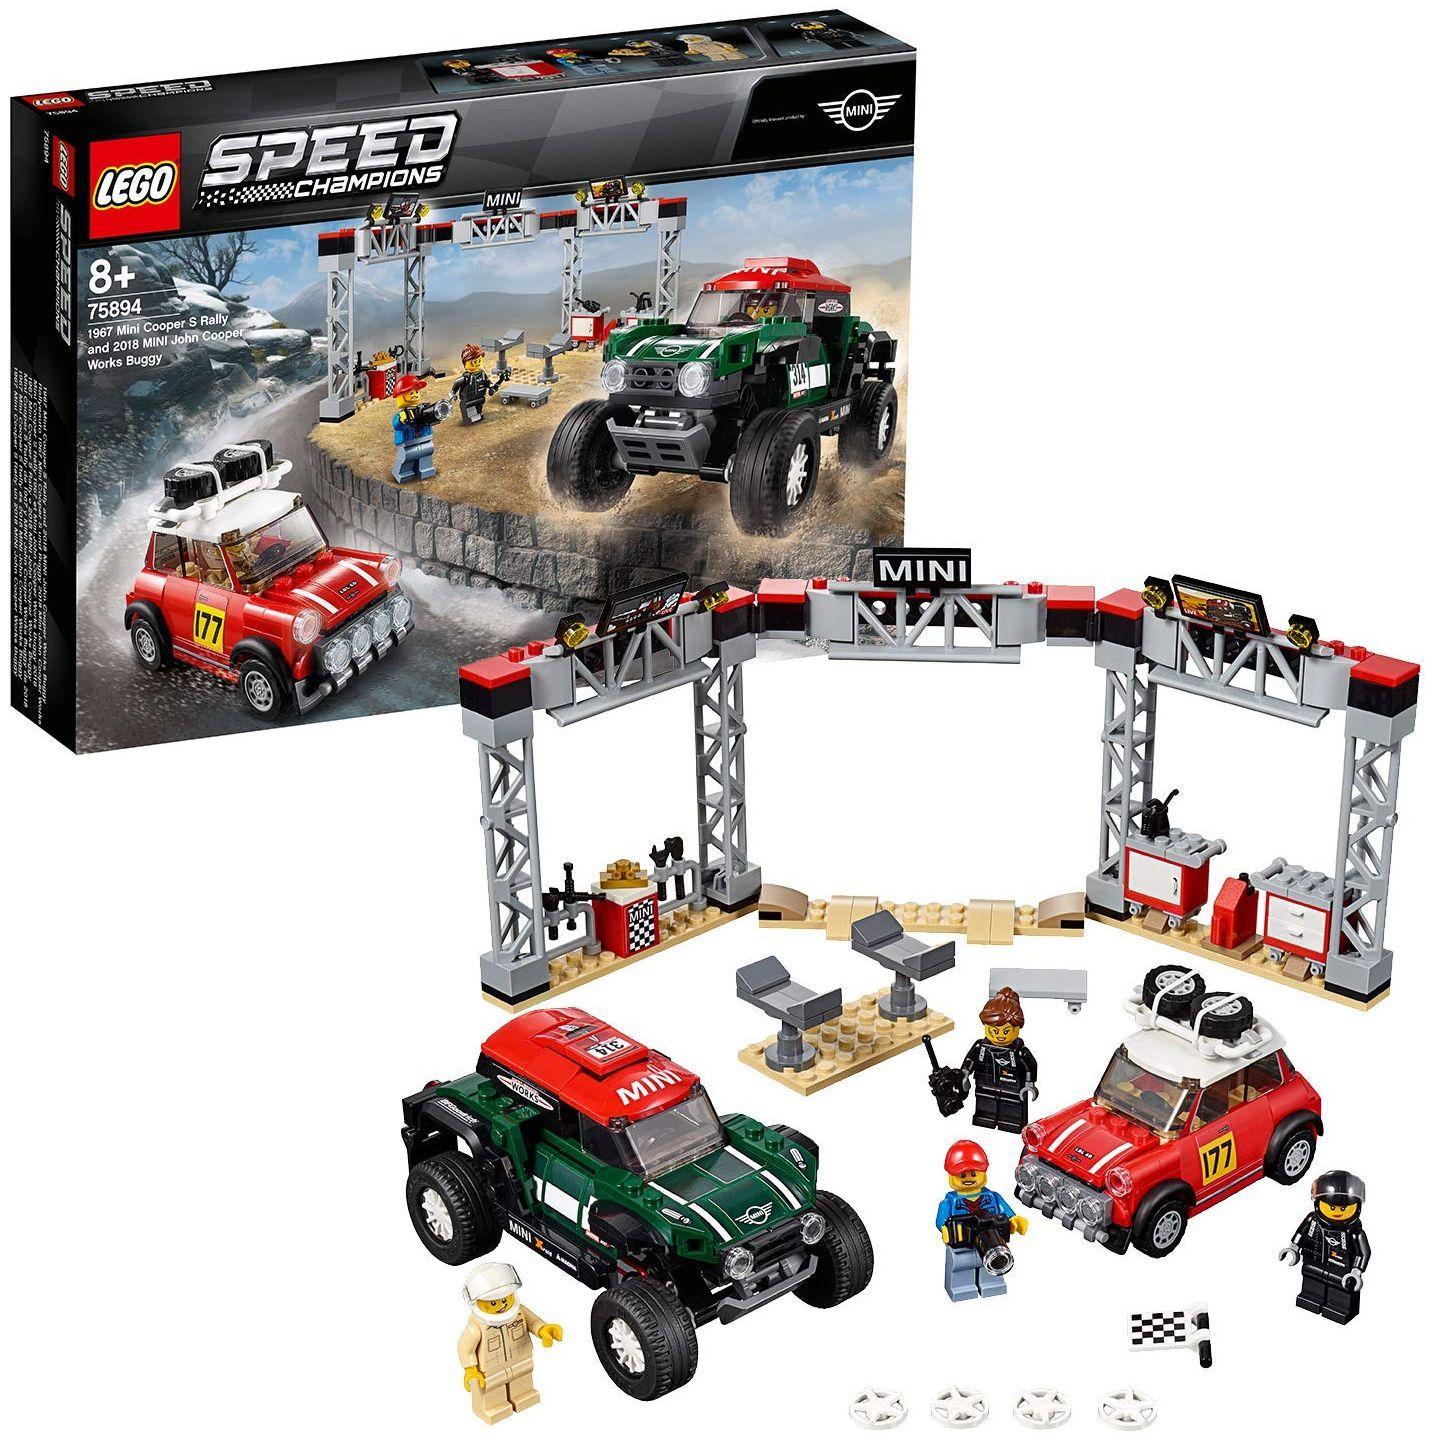 Конструктор Speed Champions - 1967 Mini Cooper S Rally и 2018 MINI John Cooper Works Buggy (75894) - 6